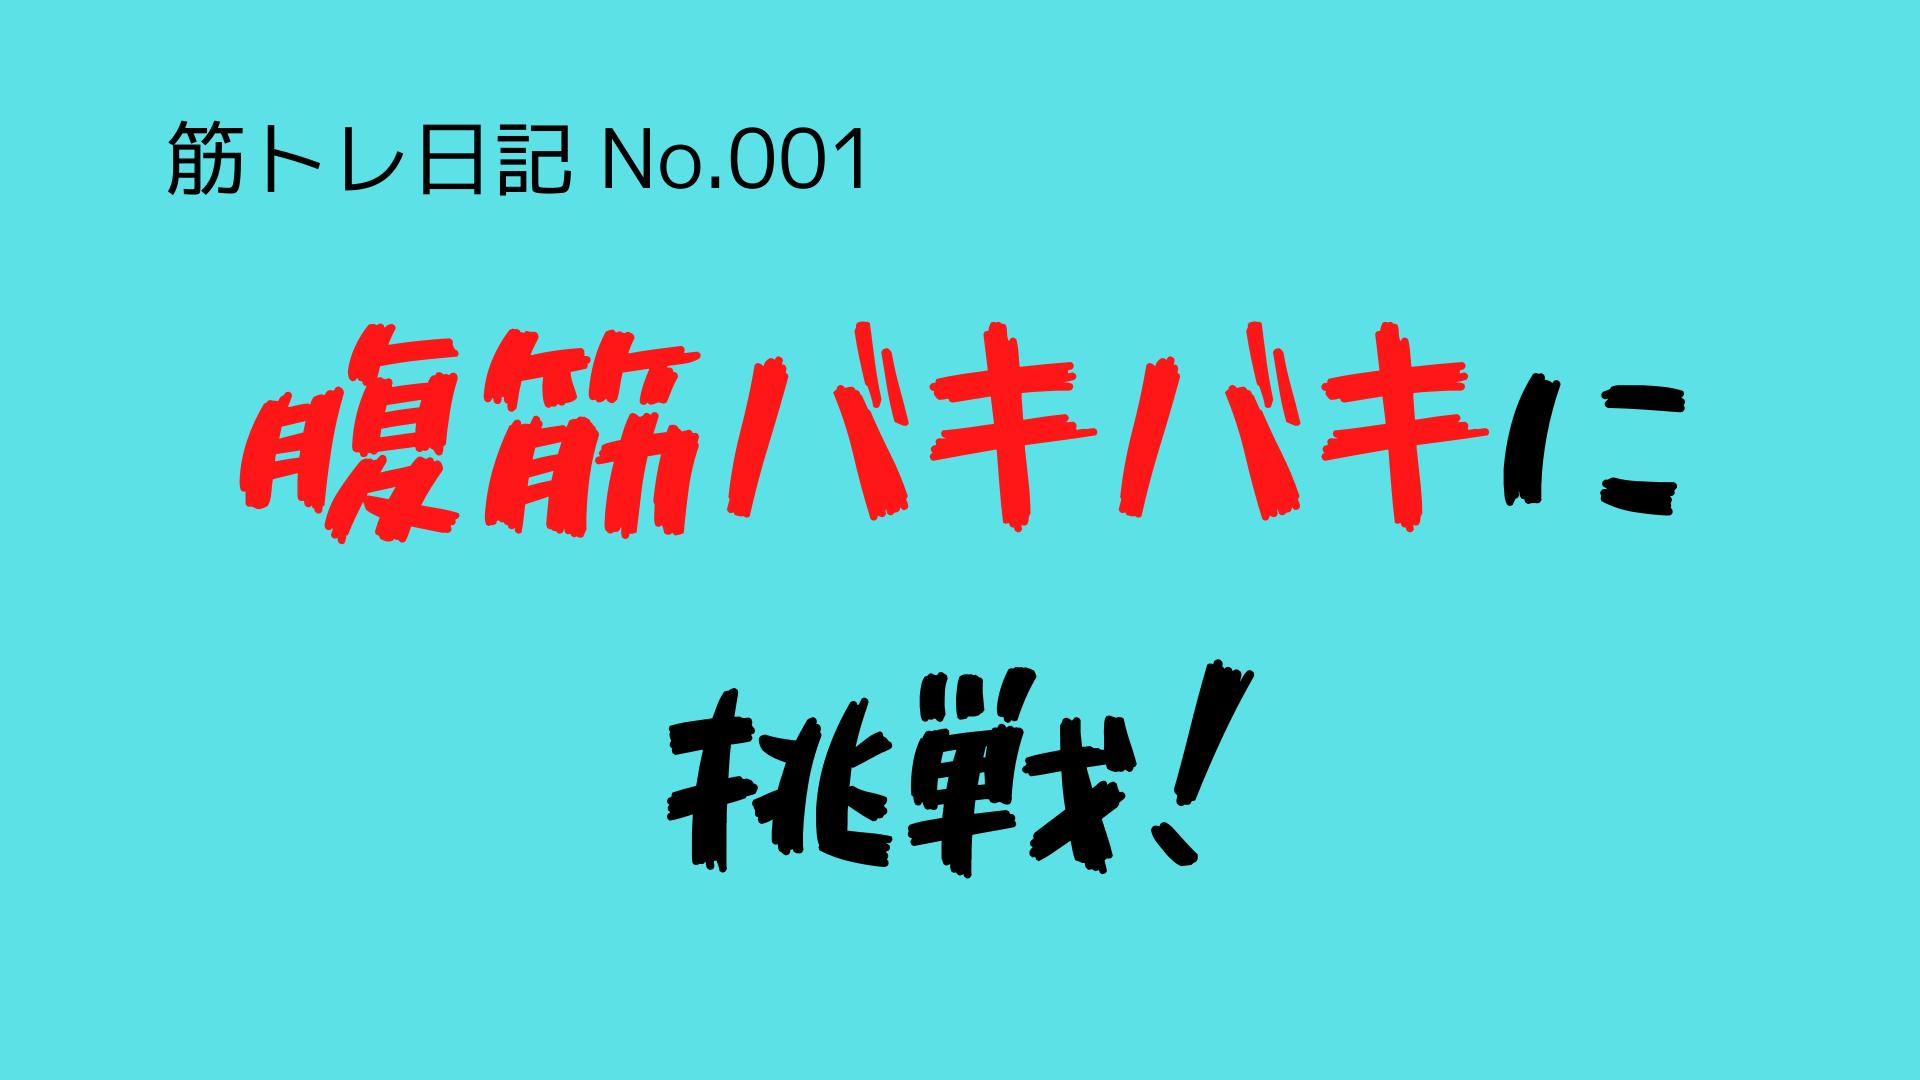 (筋トレ日記-No.001)腹筋をバキバキに割ることに挑戦します!